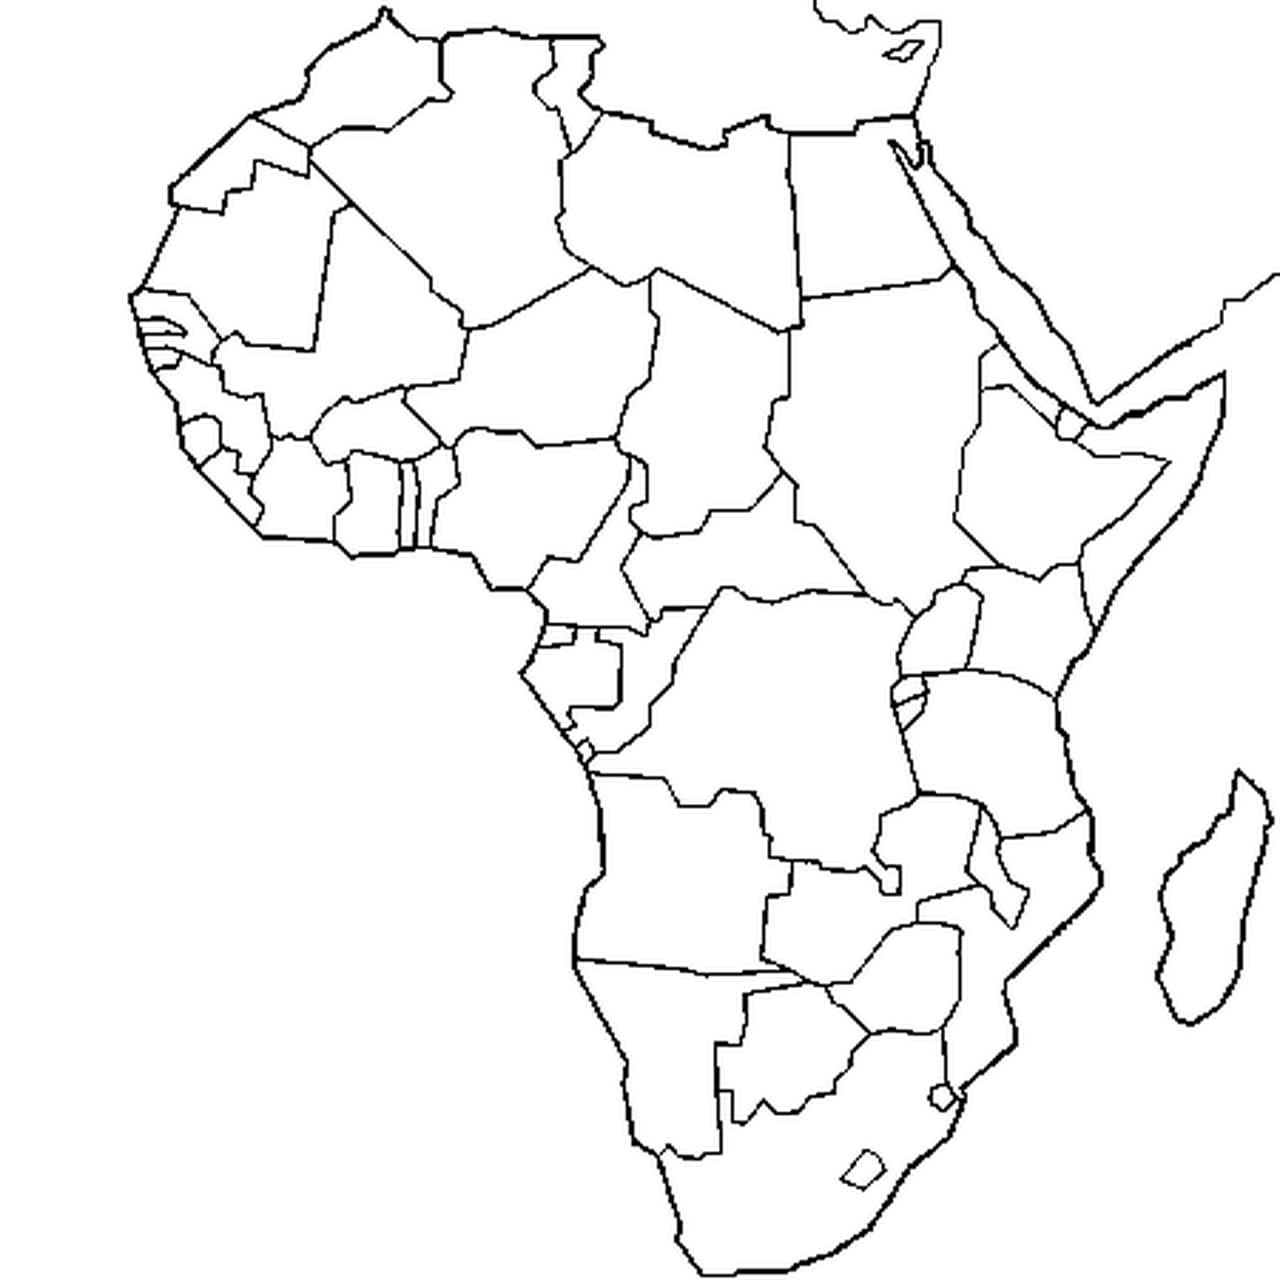 Carte De Lafrique Vierge A Imprimer.Coloriage Carte Afrique En Ligne Gratuit A Imprimer